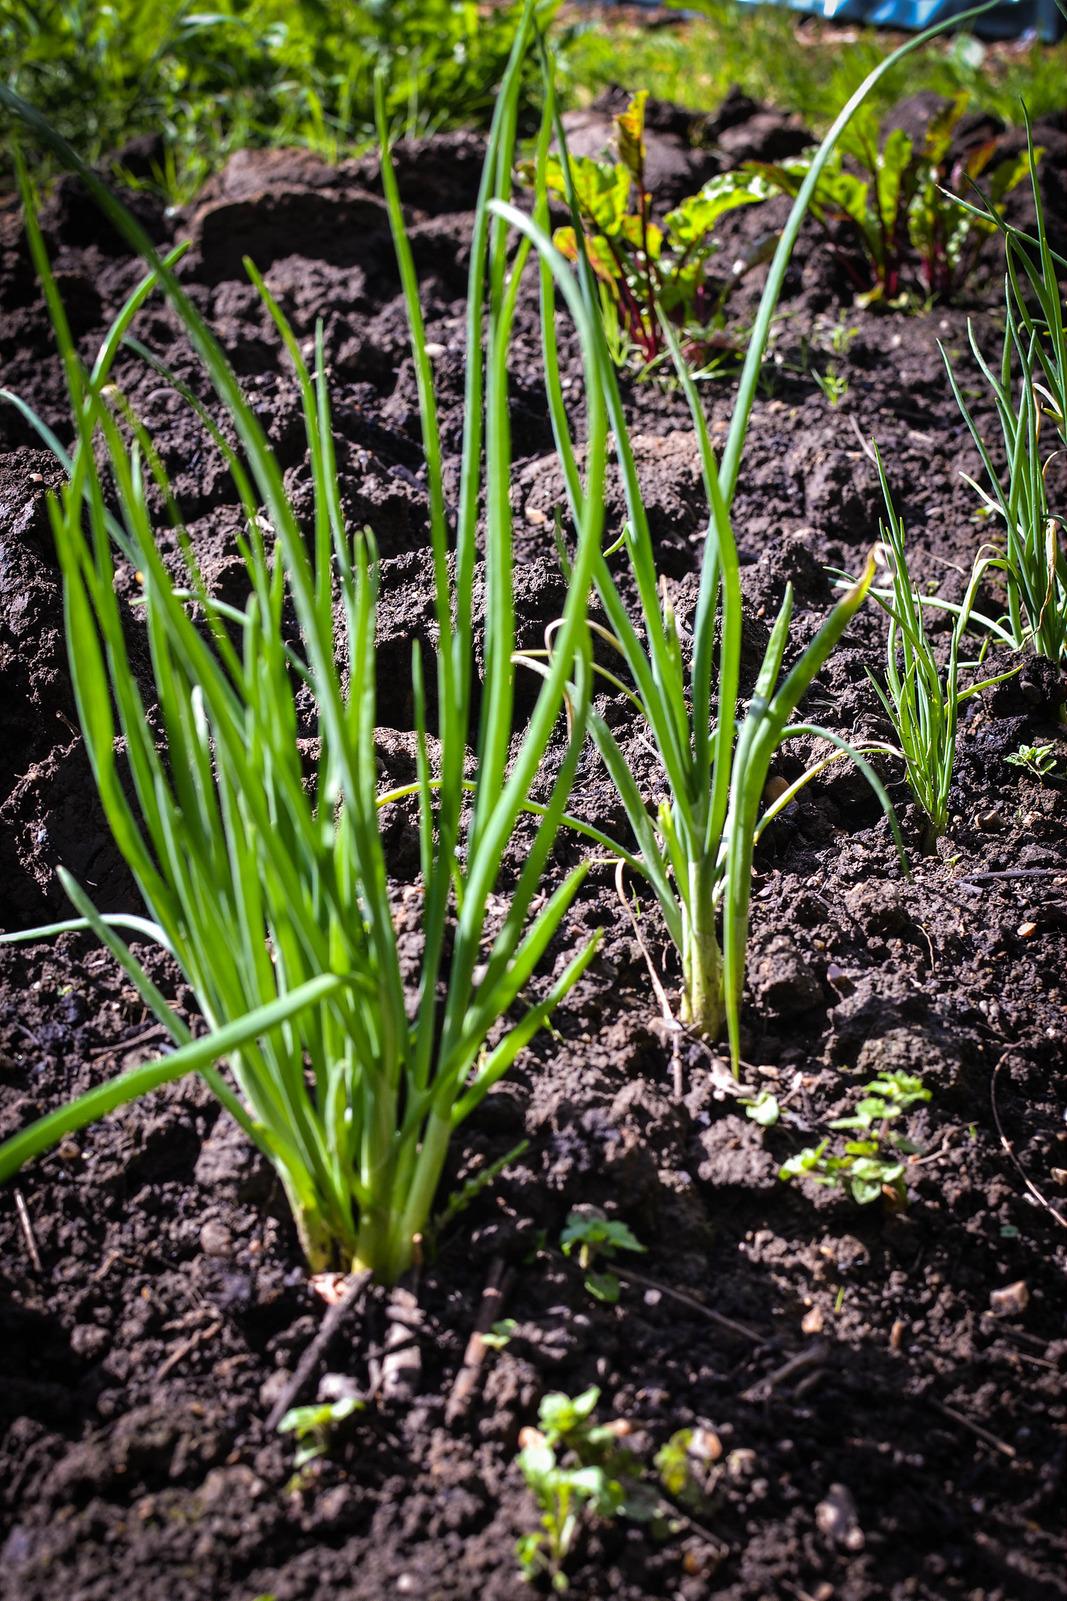 garlic, allotment, shallots, gardening